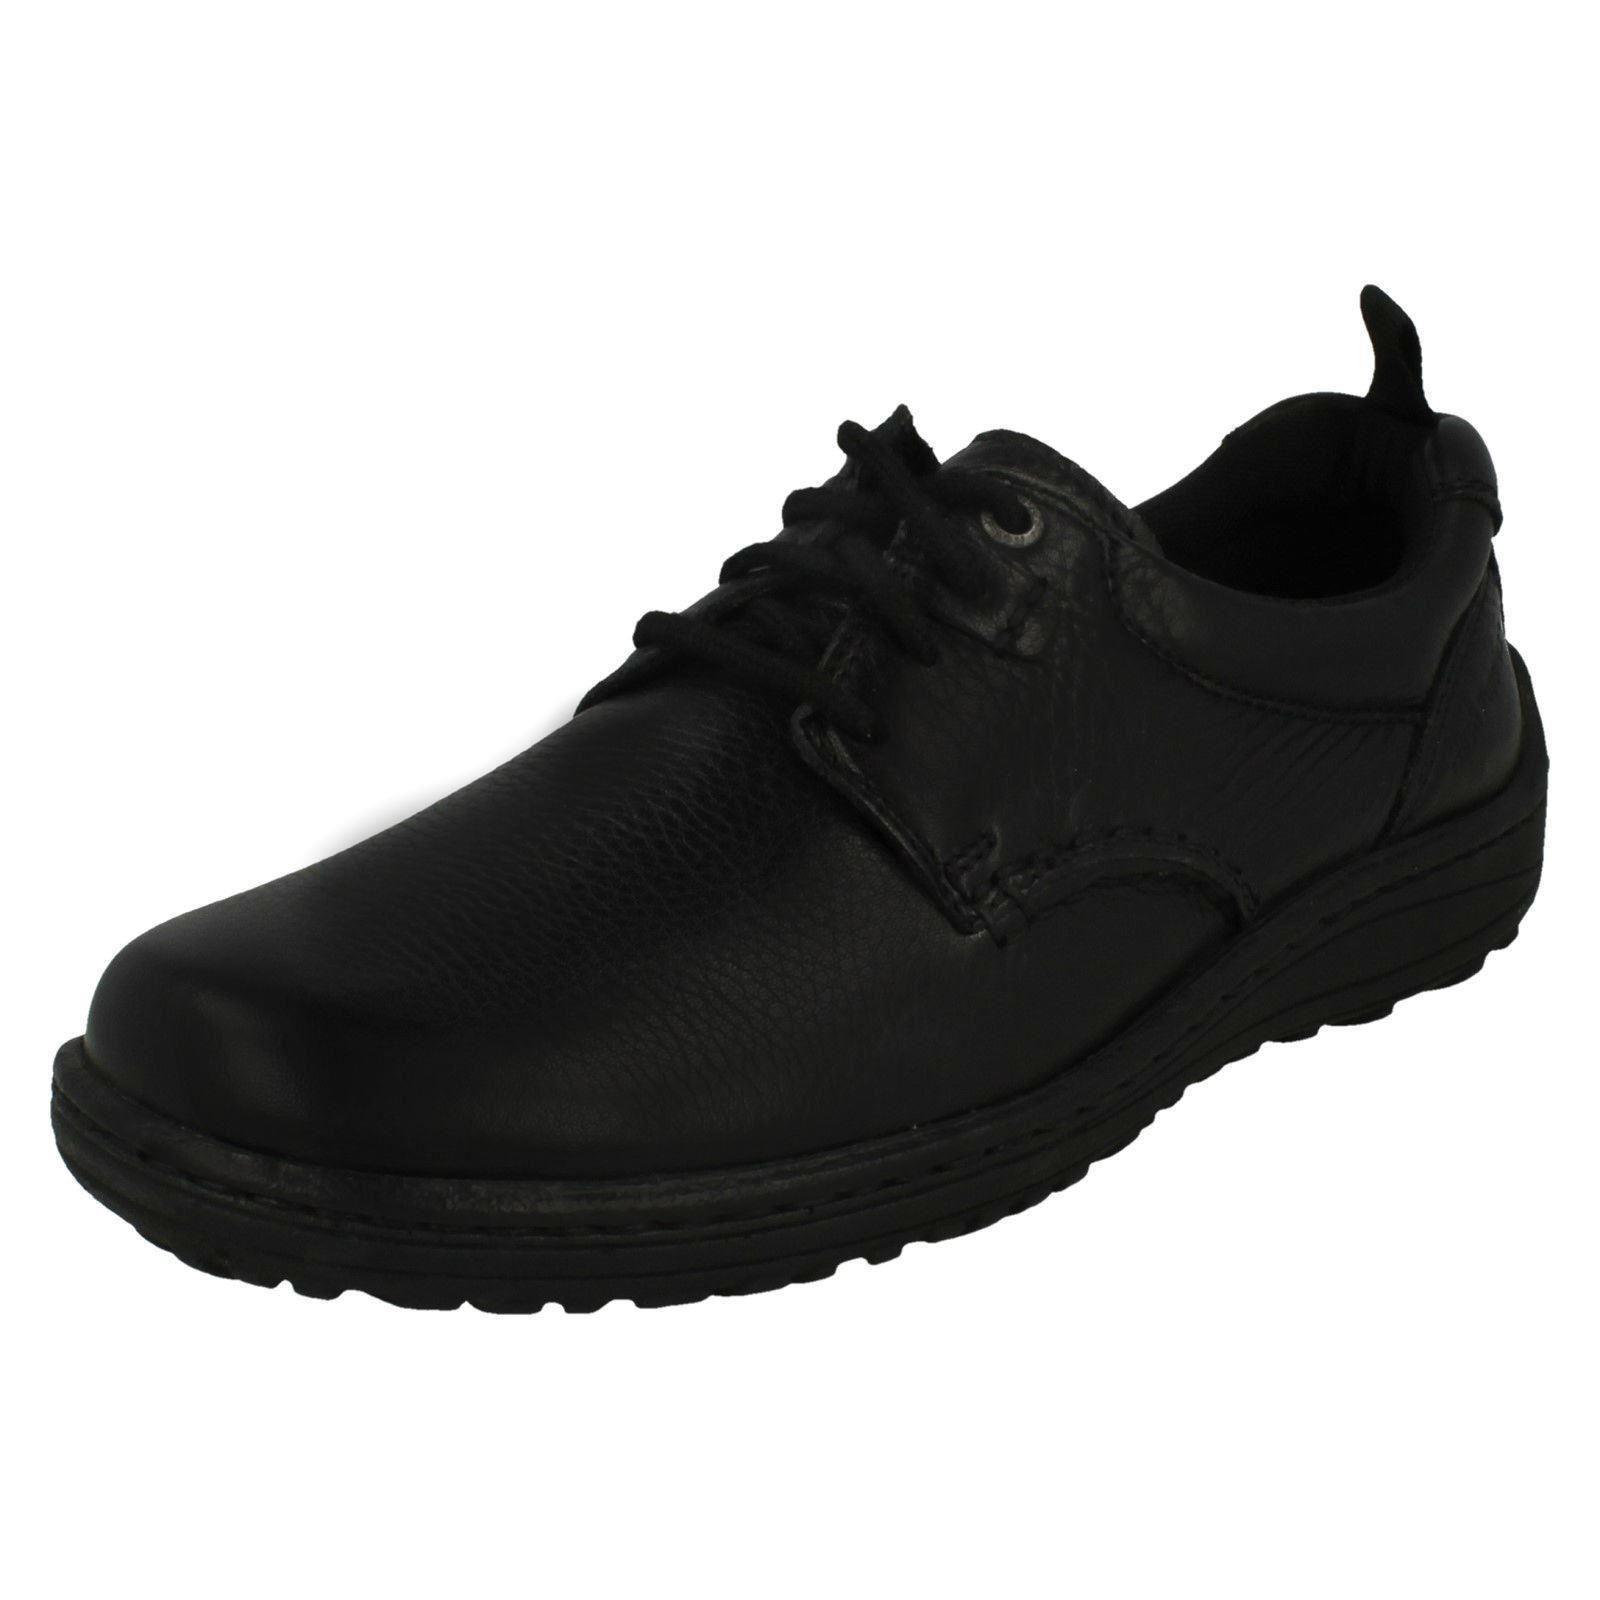 Para Hombre Hush Puppies Formal Formal Formal Zapatos Con Cordones De Encaje Belfast 85dd3c